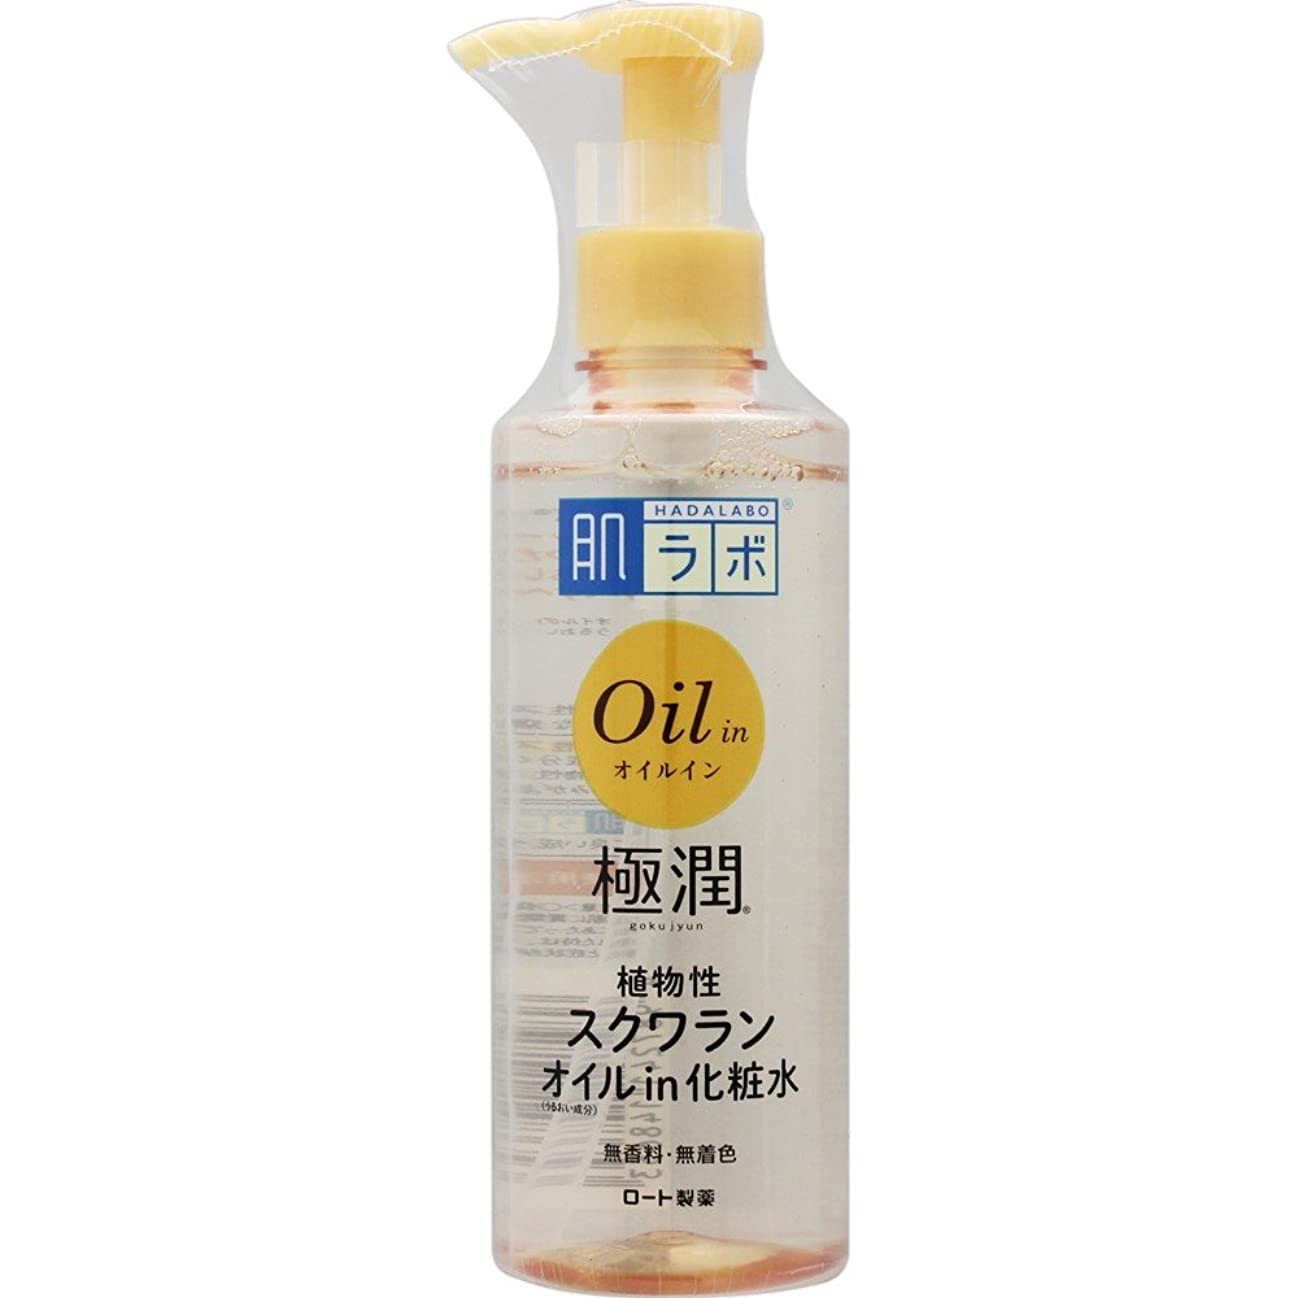 誰でもお手入れ世界に死んだ肌ラボ 極潤オイルイン化粧水 植物性スクワランオイル配合 220ml